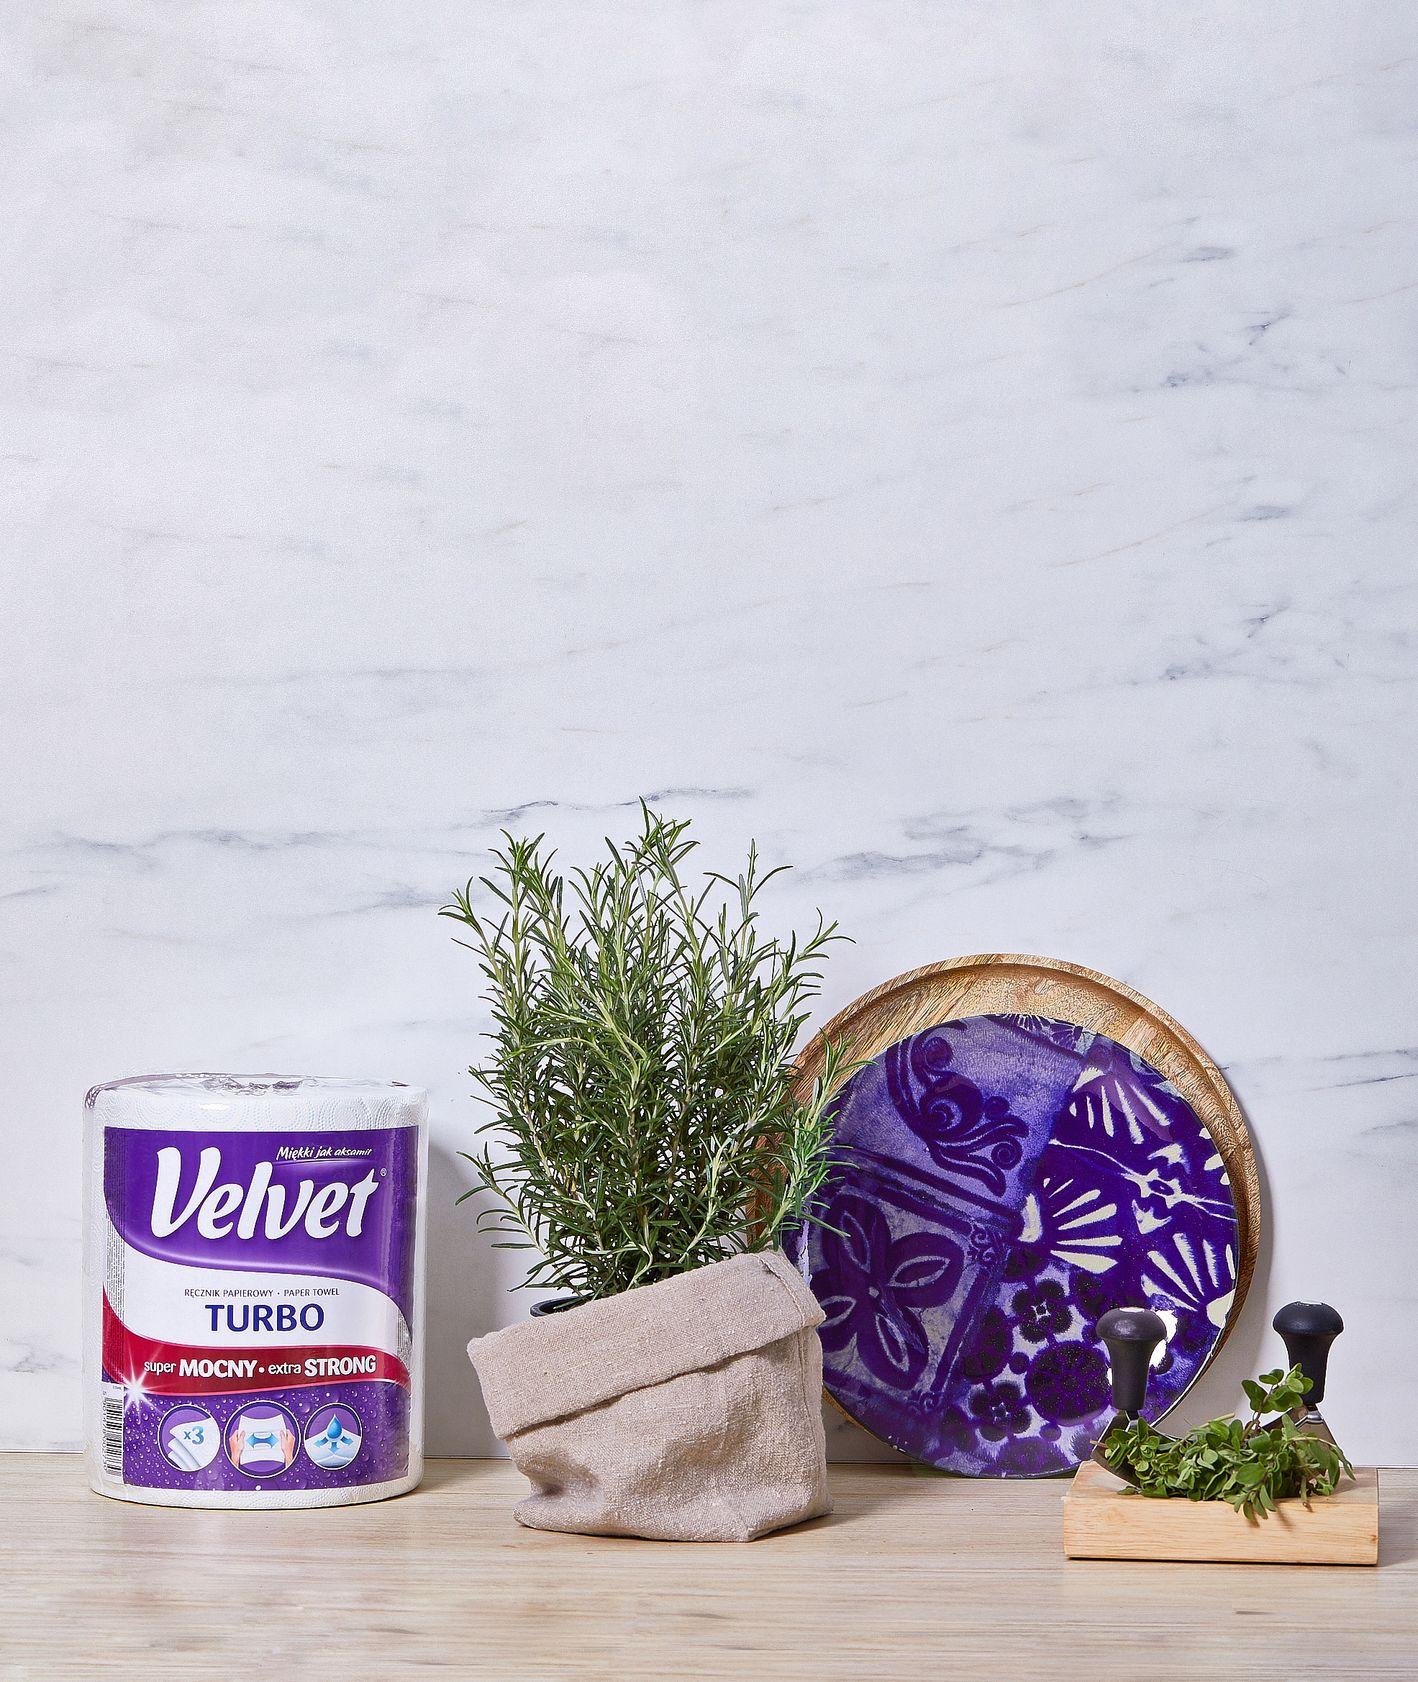 Blat z reczniiem papierowym Velvet, oraz rozmarynem w doniczce